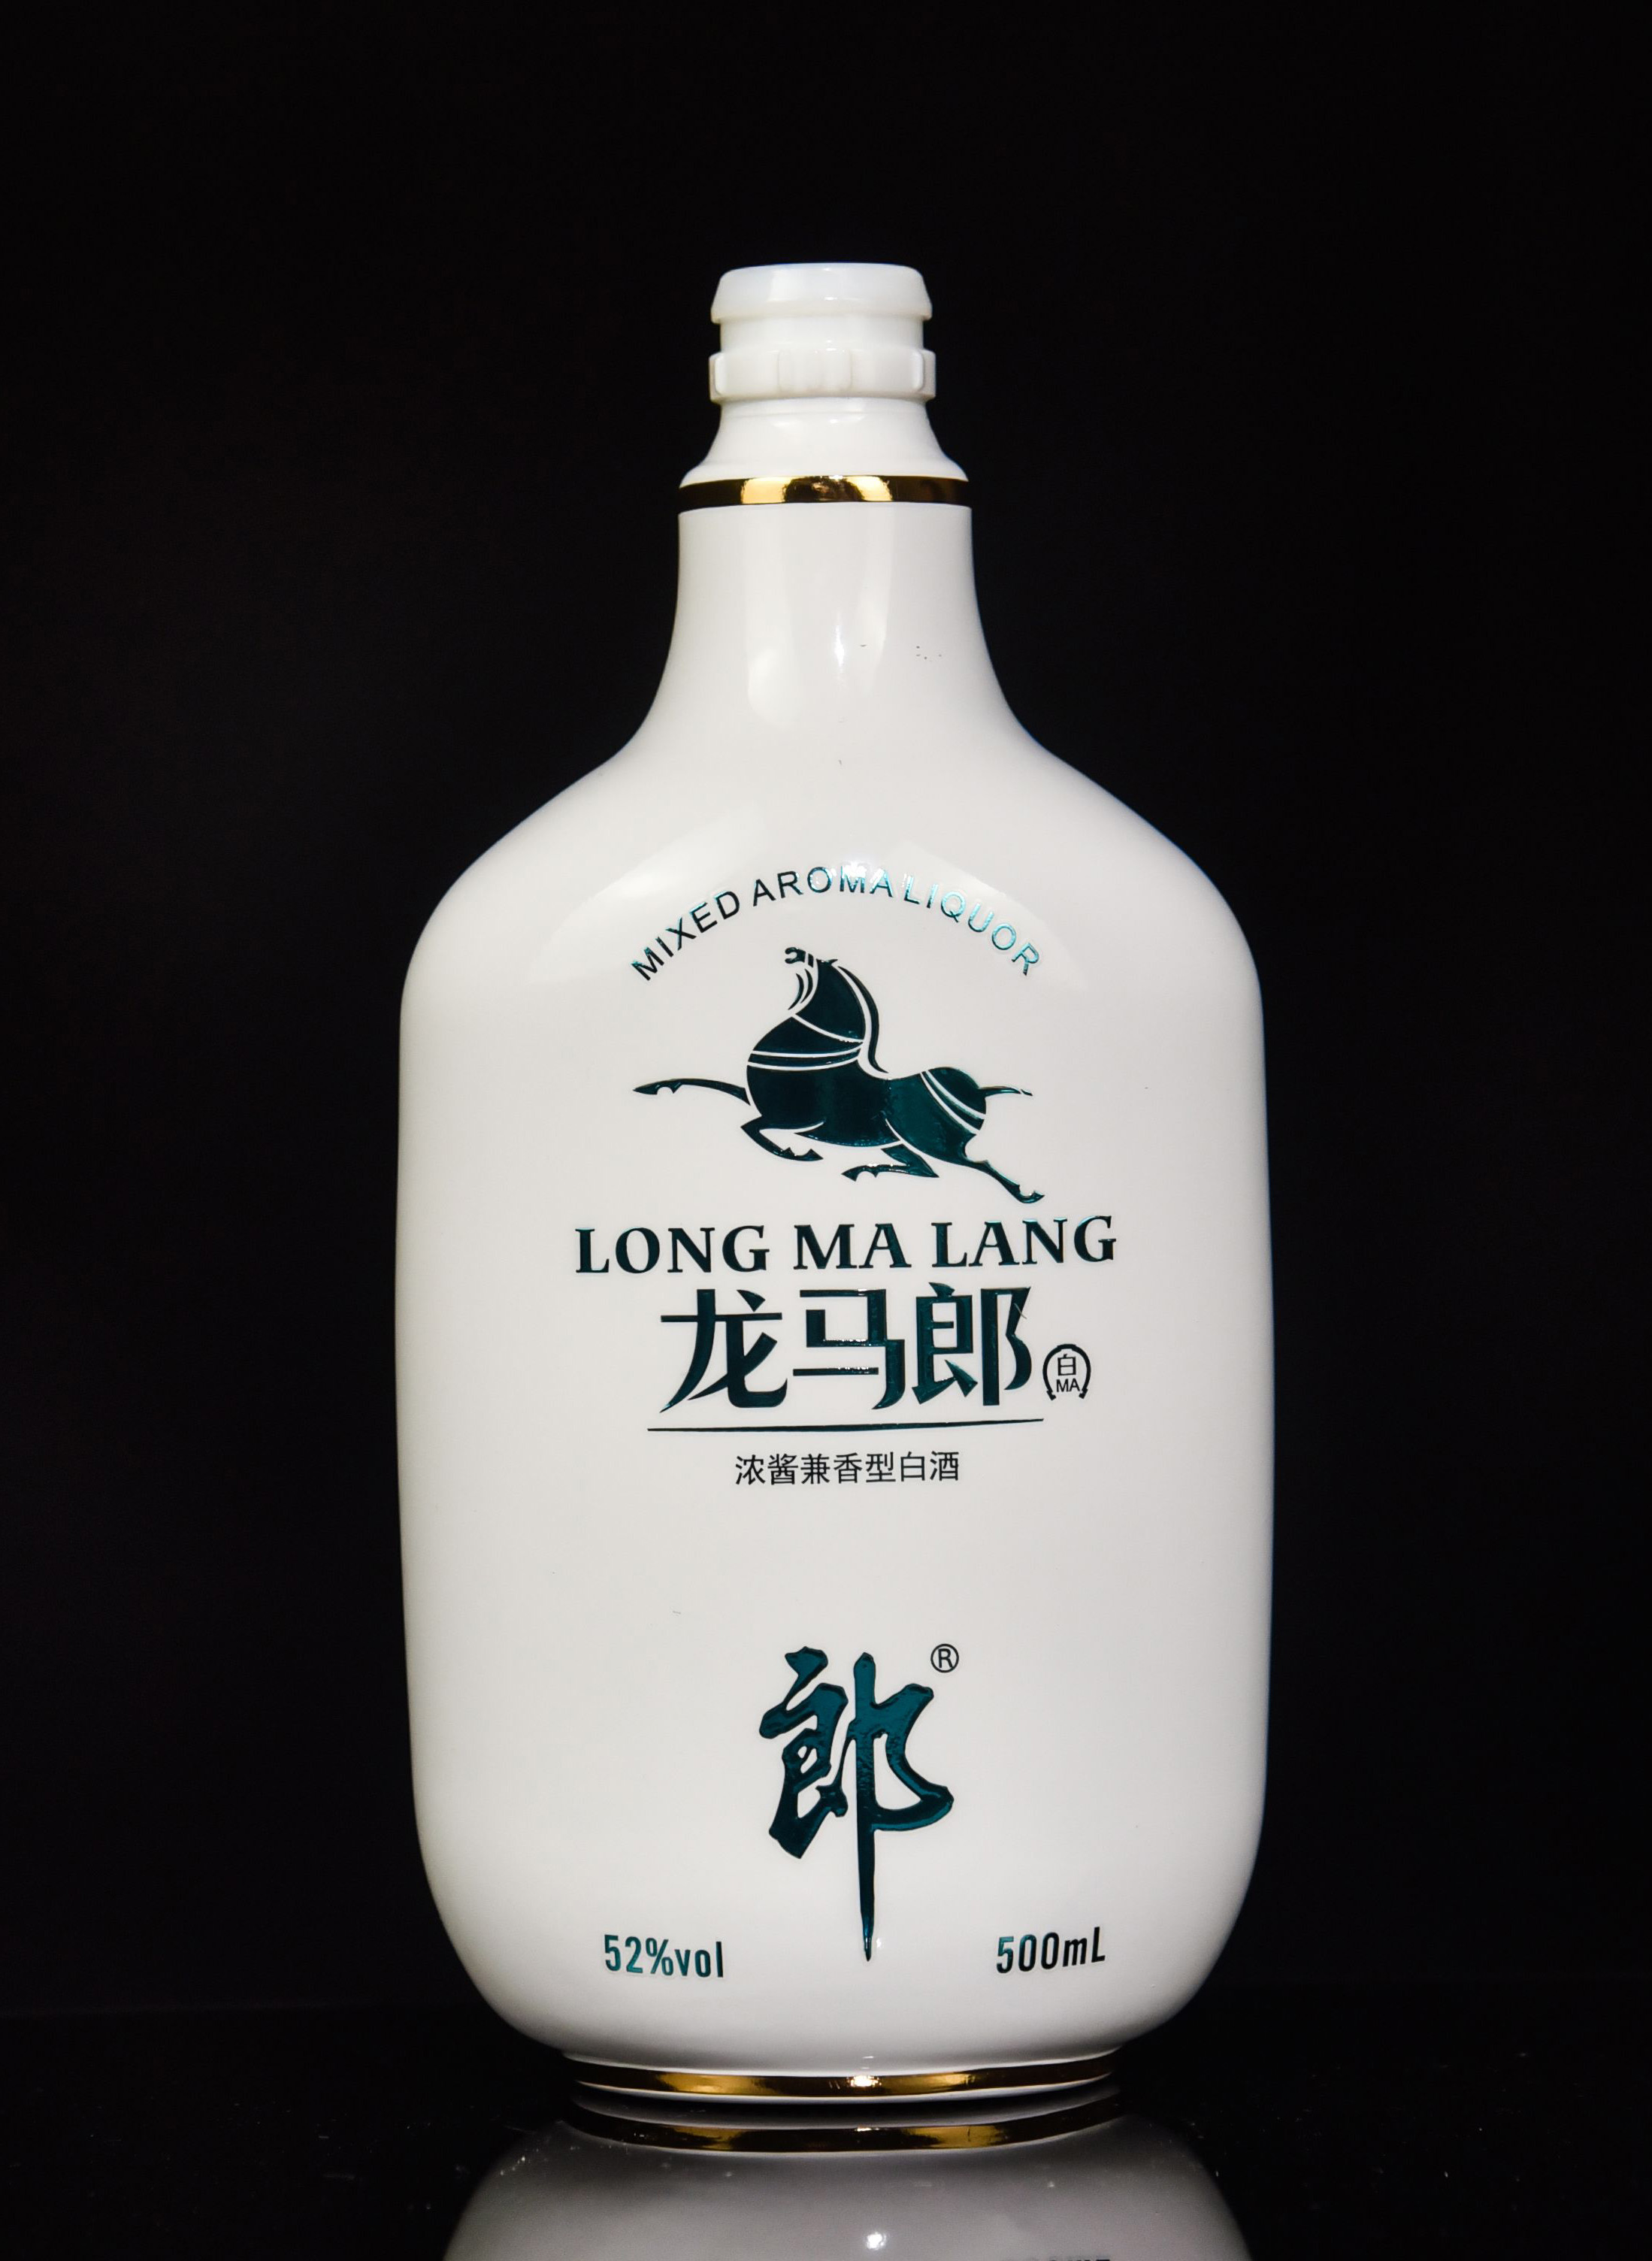 龙马郎酒瓶